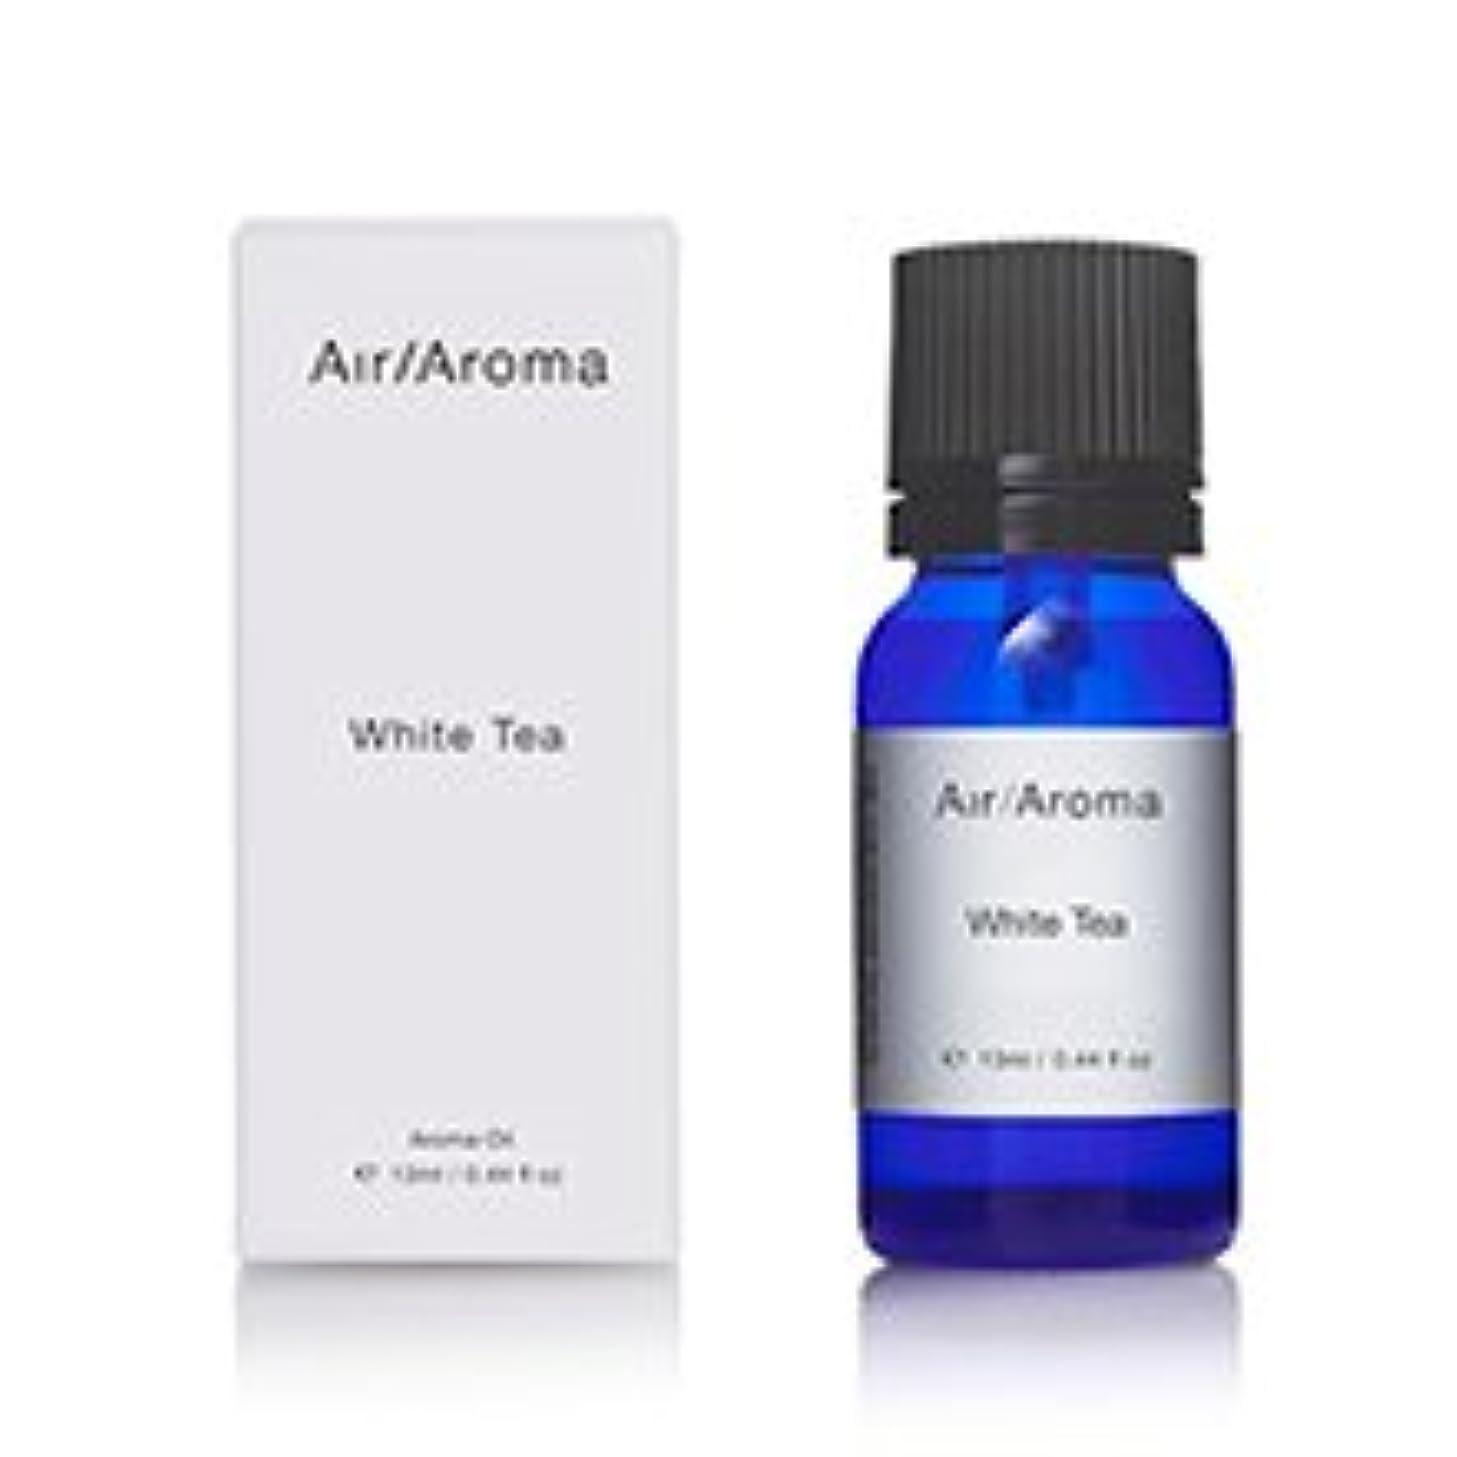 敬利得枝エアアロマ White Tea (ホワイトティー) 13ml